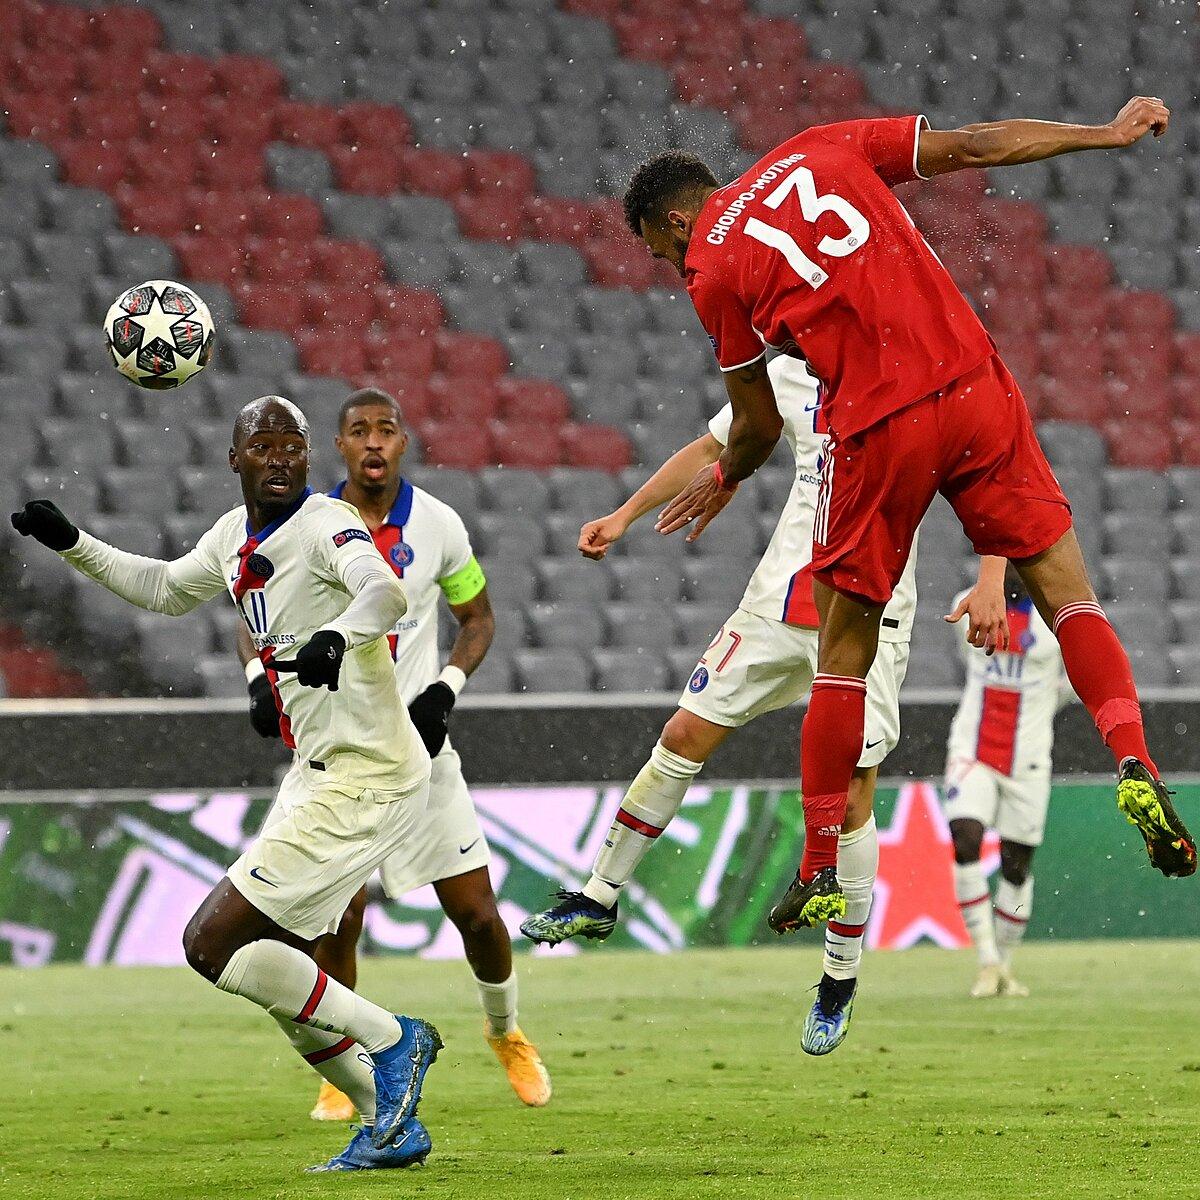 Choupo-Moting cố gắng hết sức, nhưng vắng Lewandowski, Bayern ngay lập tức gặp vấn đề lớn trên hàng công. Ảnh: Twitter / UEFA